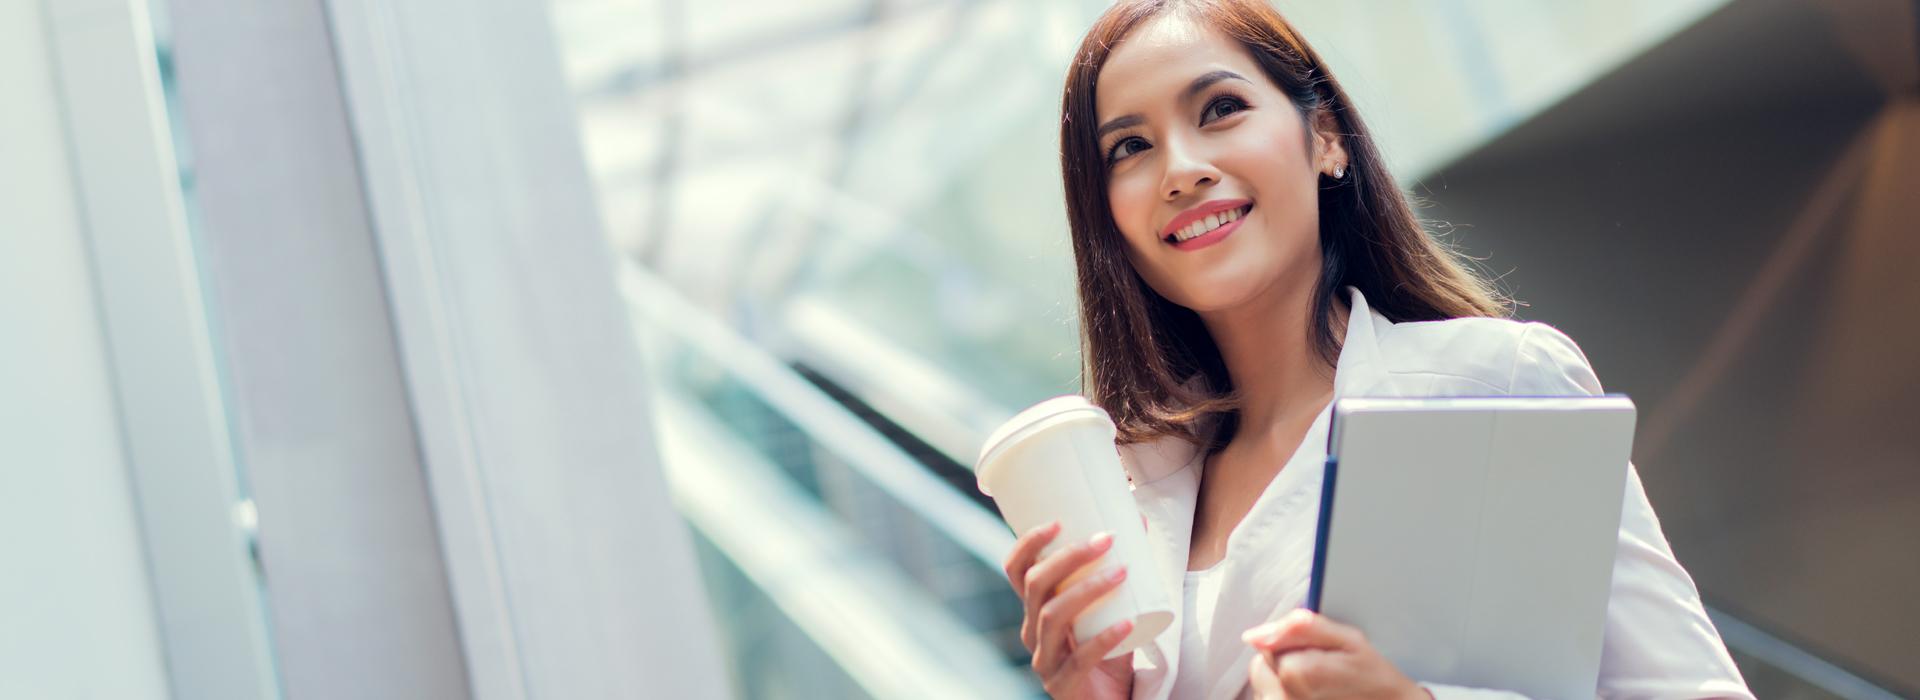 年輕時應該多賺錢,還是做自己喜歡的工作?